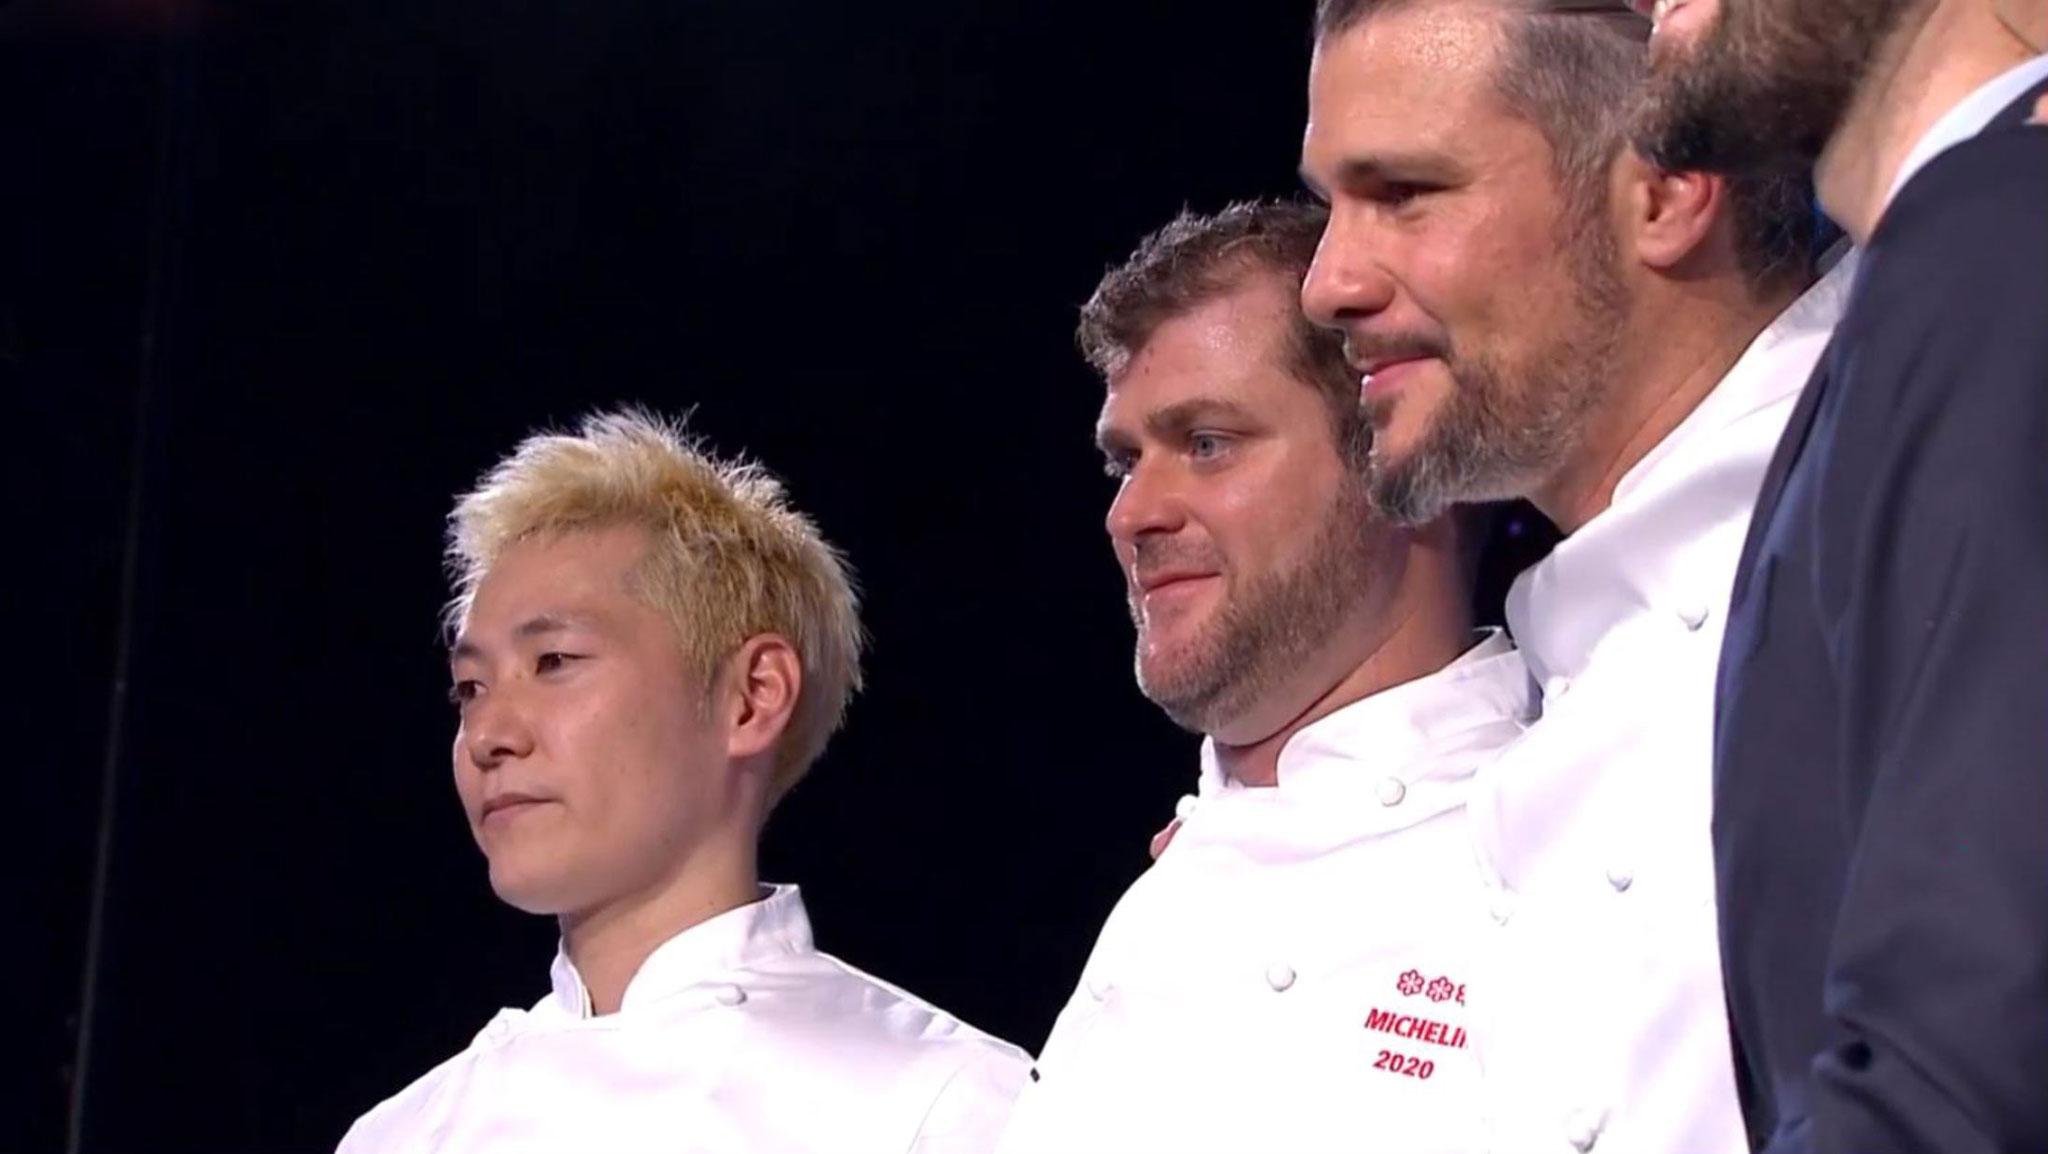 Les trois nouveaux chefs 3 étoiles : Kei Kobayashi restaurant Kei - Christopher Coutanceau restaurant Christopher Coutanceau - Glenn Viel restaurant l'Oustau de Baumanière)